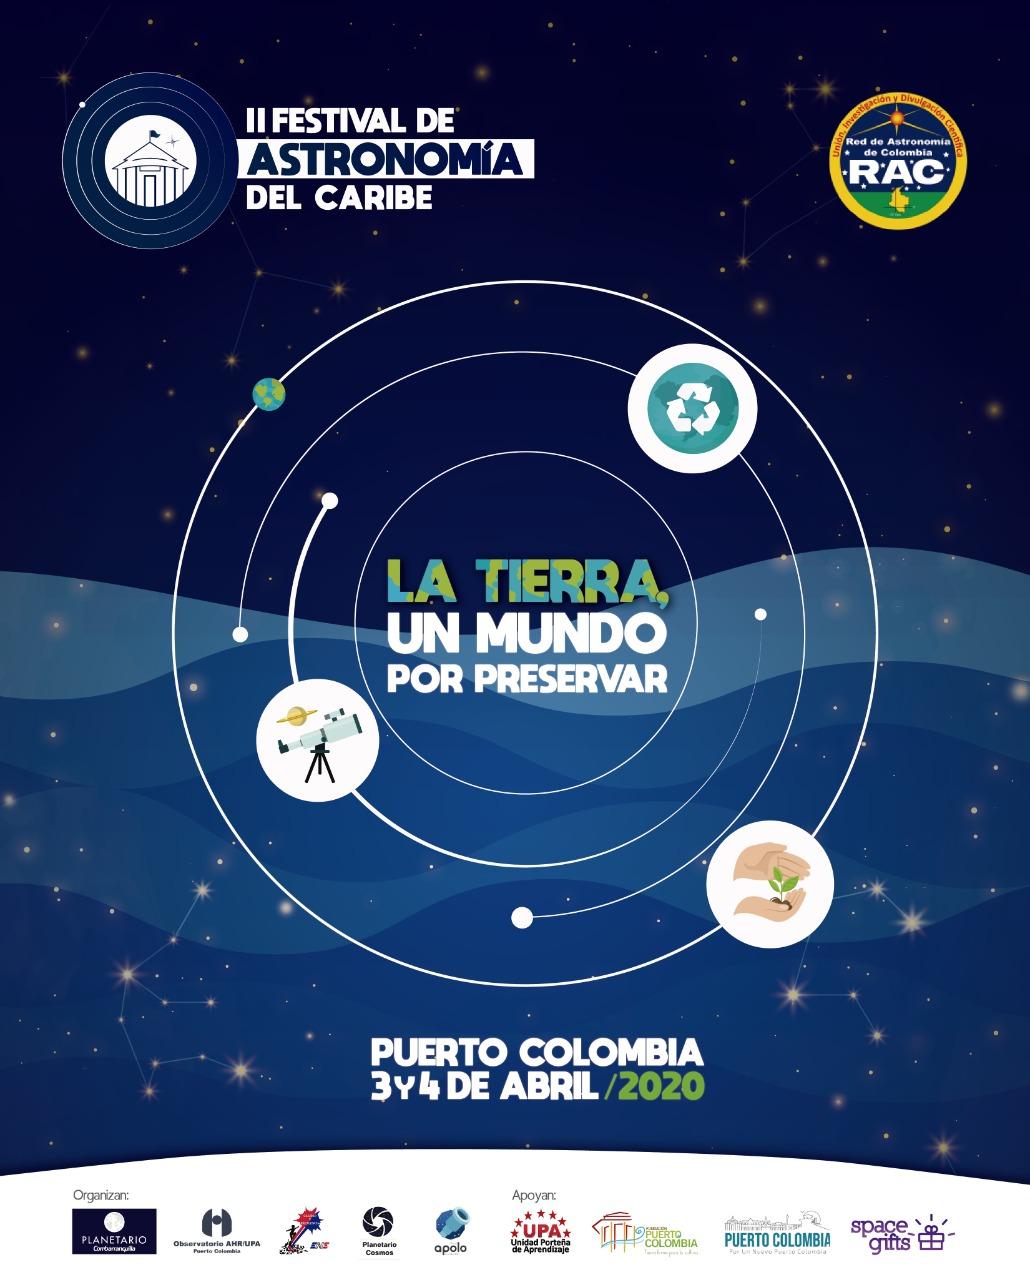 Festival de Astronomía del Caribe